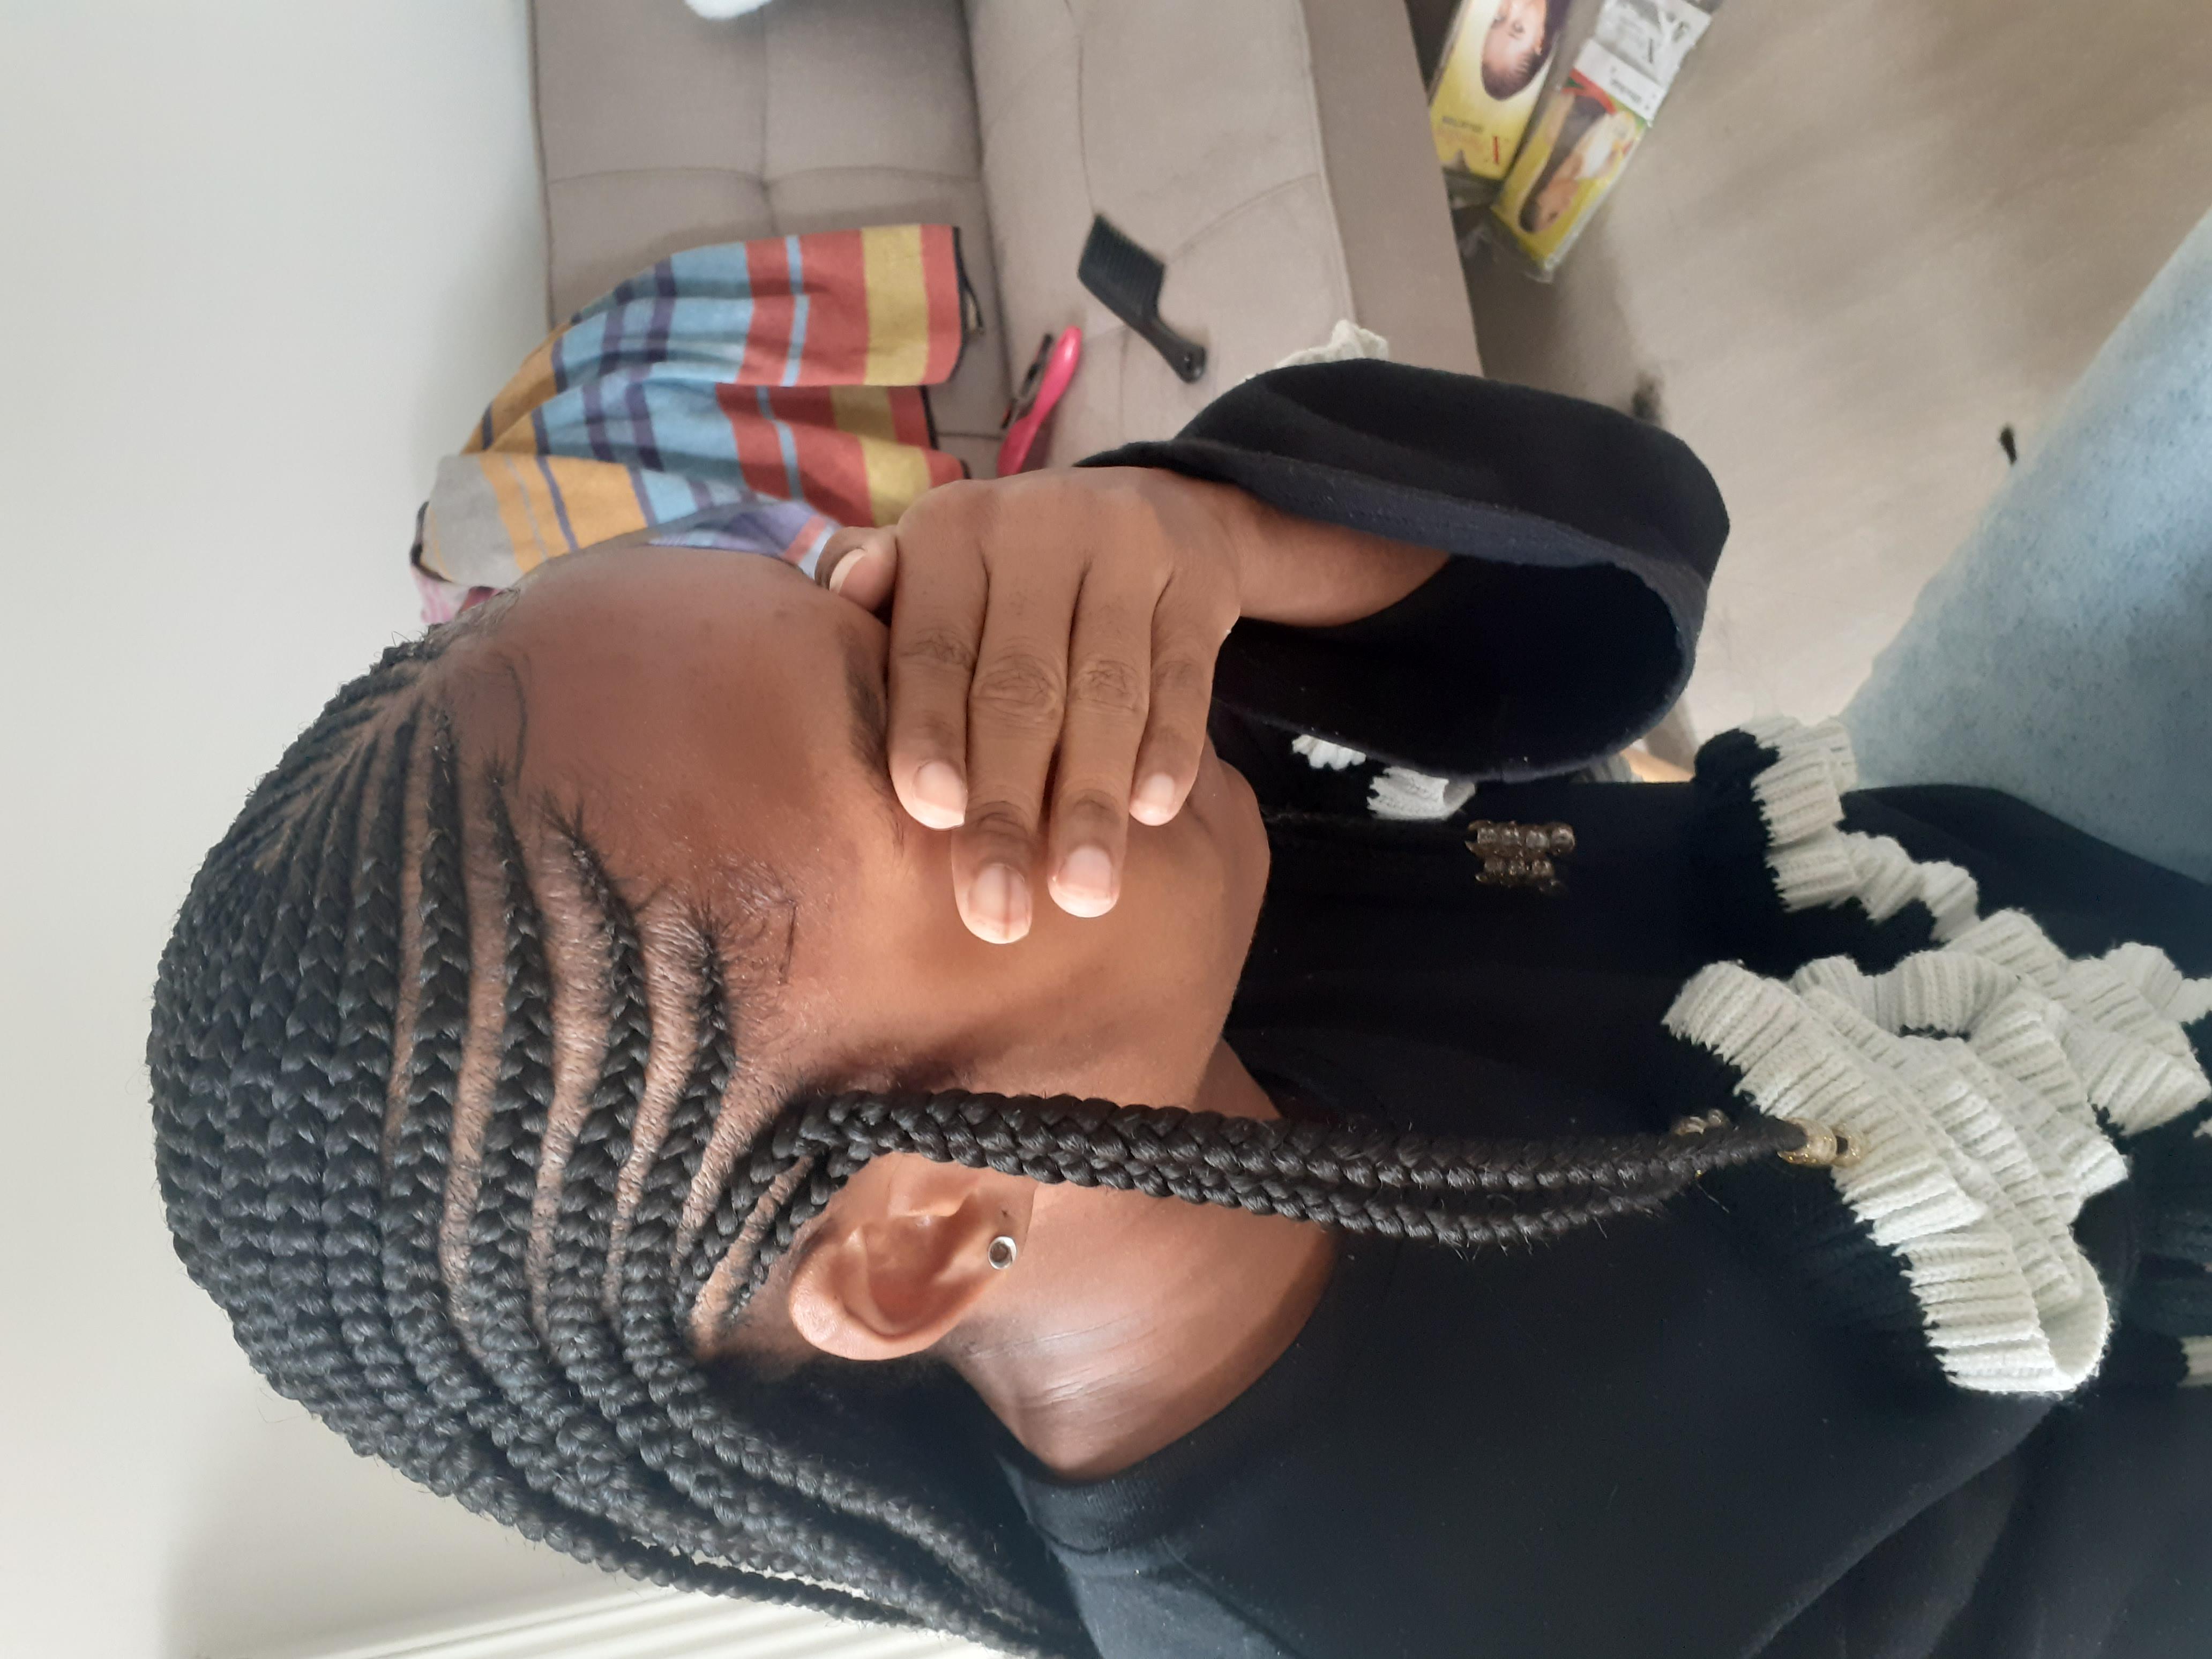 salon de coiffure afro tresse tresses box braids crochet braids vanilles tissages paris 75 77 78 91 92 93 94 95 VVTIOTQG